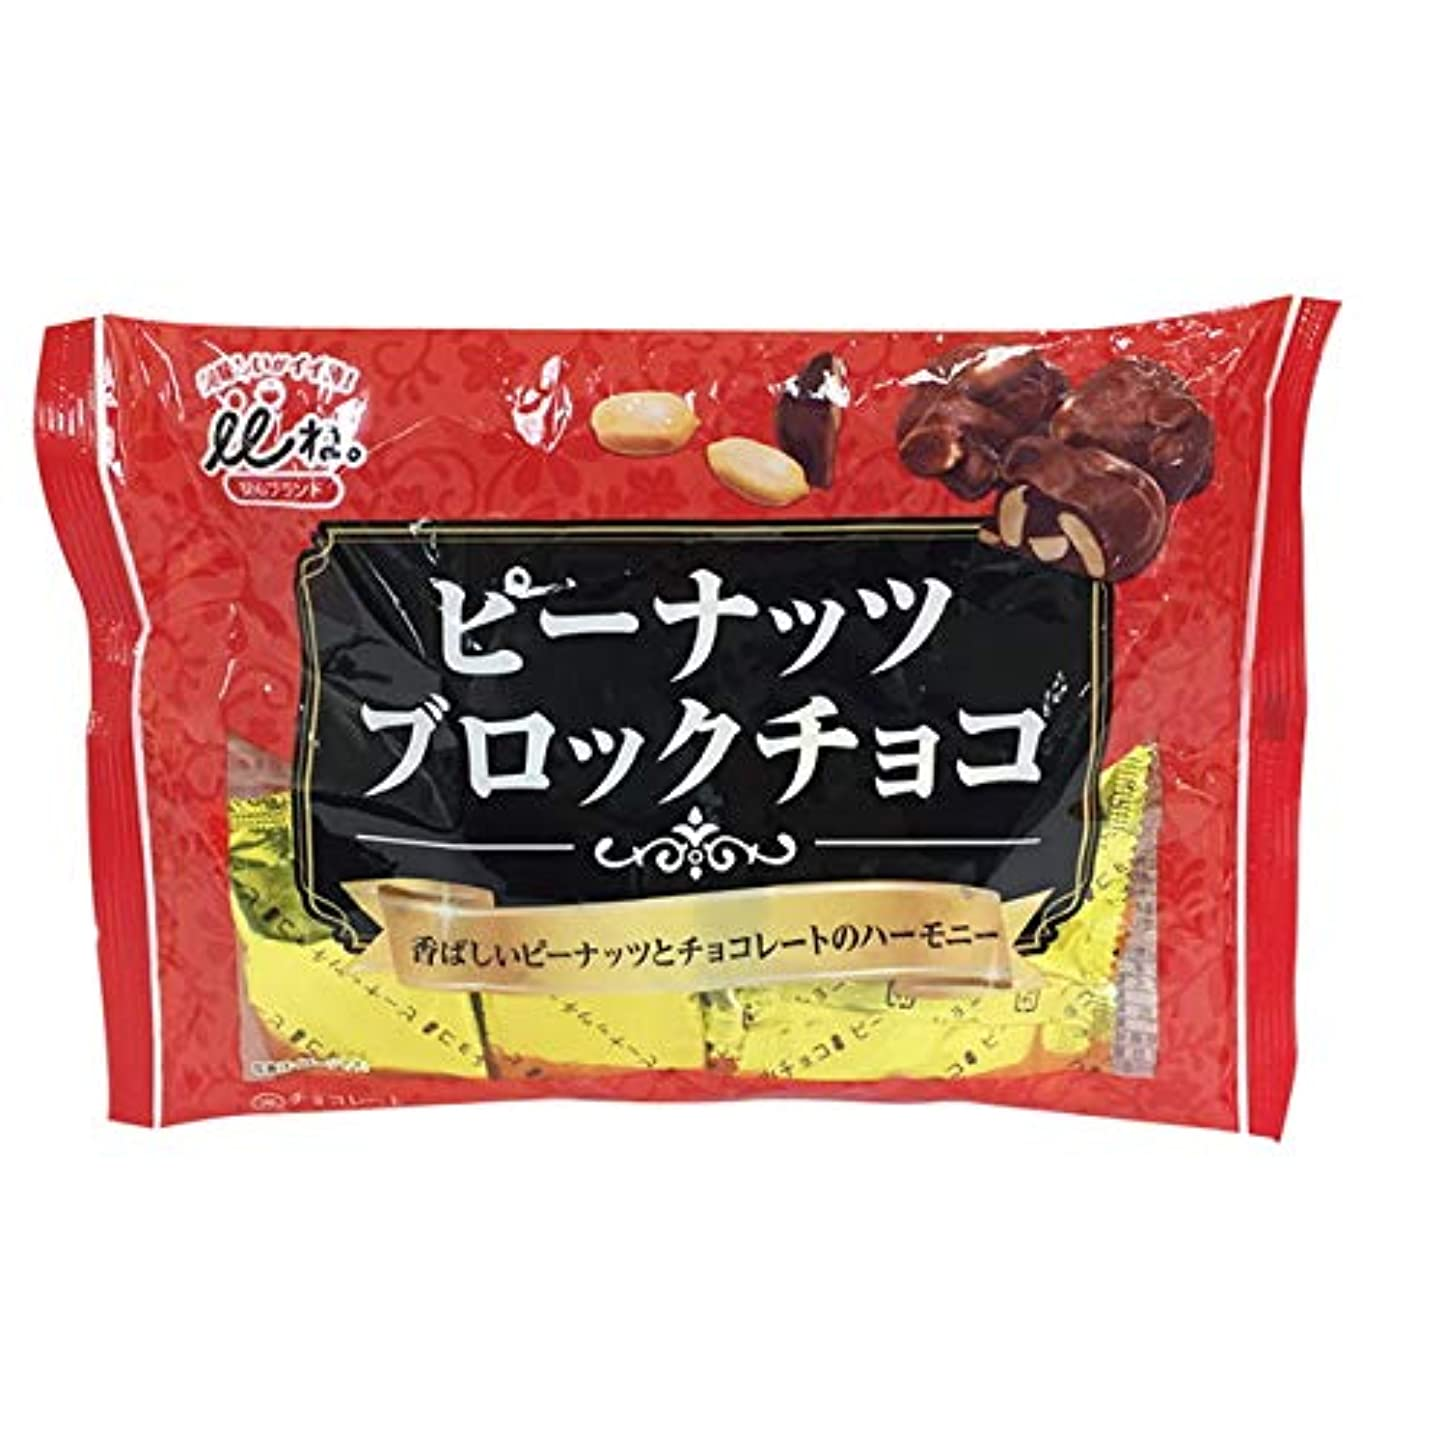 規模閉じ込める麦芽いいね。ピーナツブロックチョコレート 152G